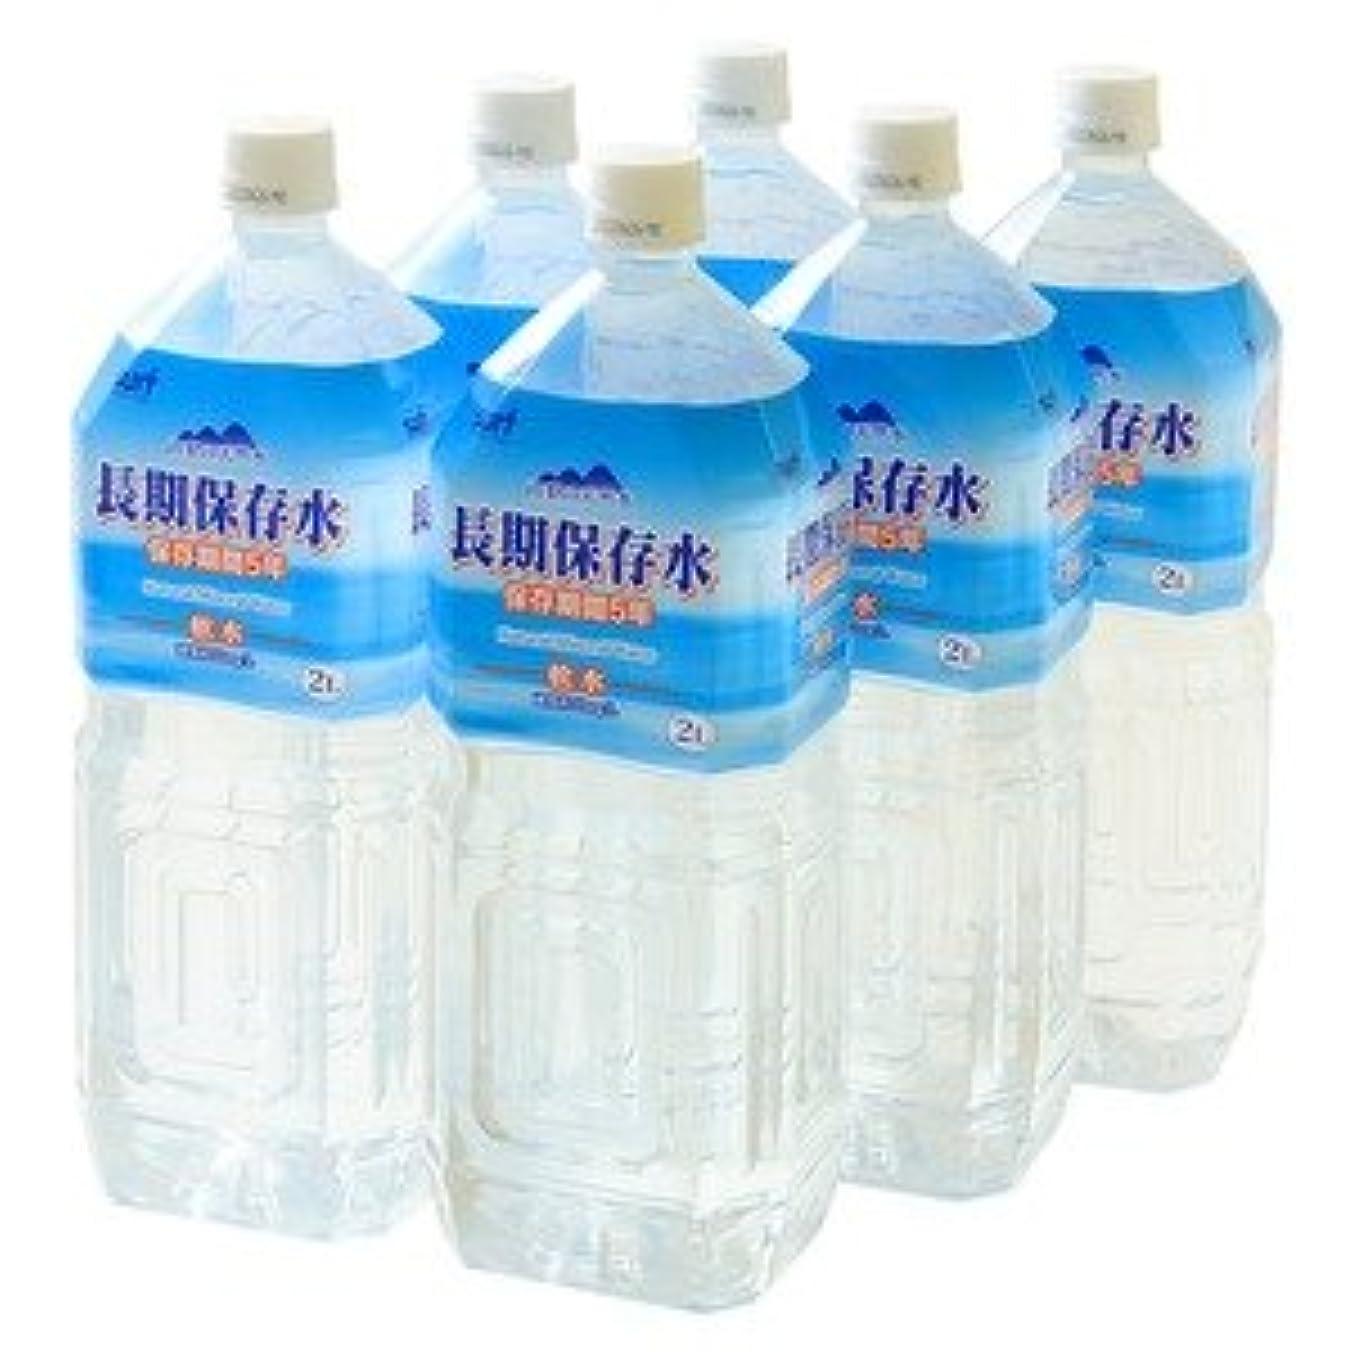 ブラインドウェーハステレオ【10ケースセット】 高規格ダンボール仕様の長期保存水 5年保存水 2L×60本 耐熱ボトル使用 まとめ買い歓迎